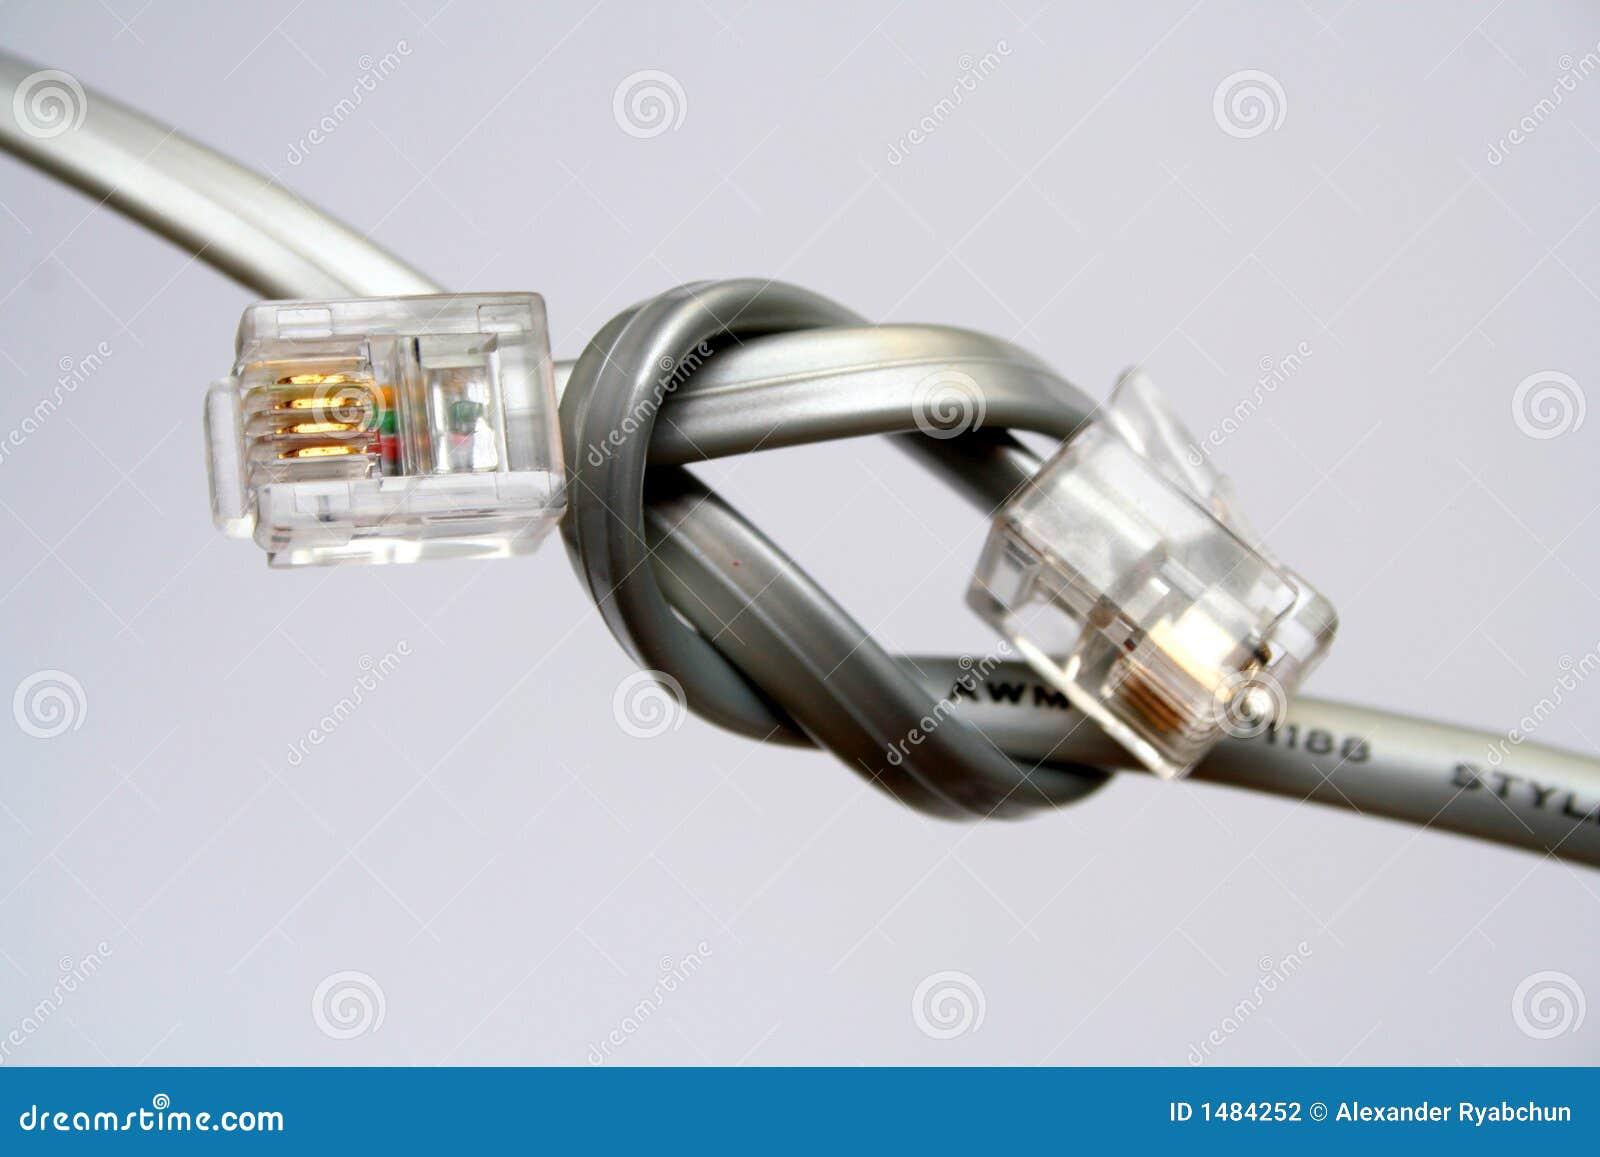 Dos cables para la transmisión de datos con las extremidades anudadas